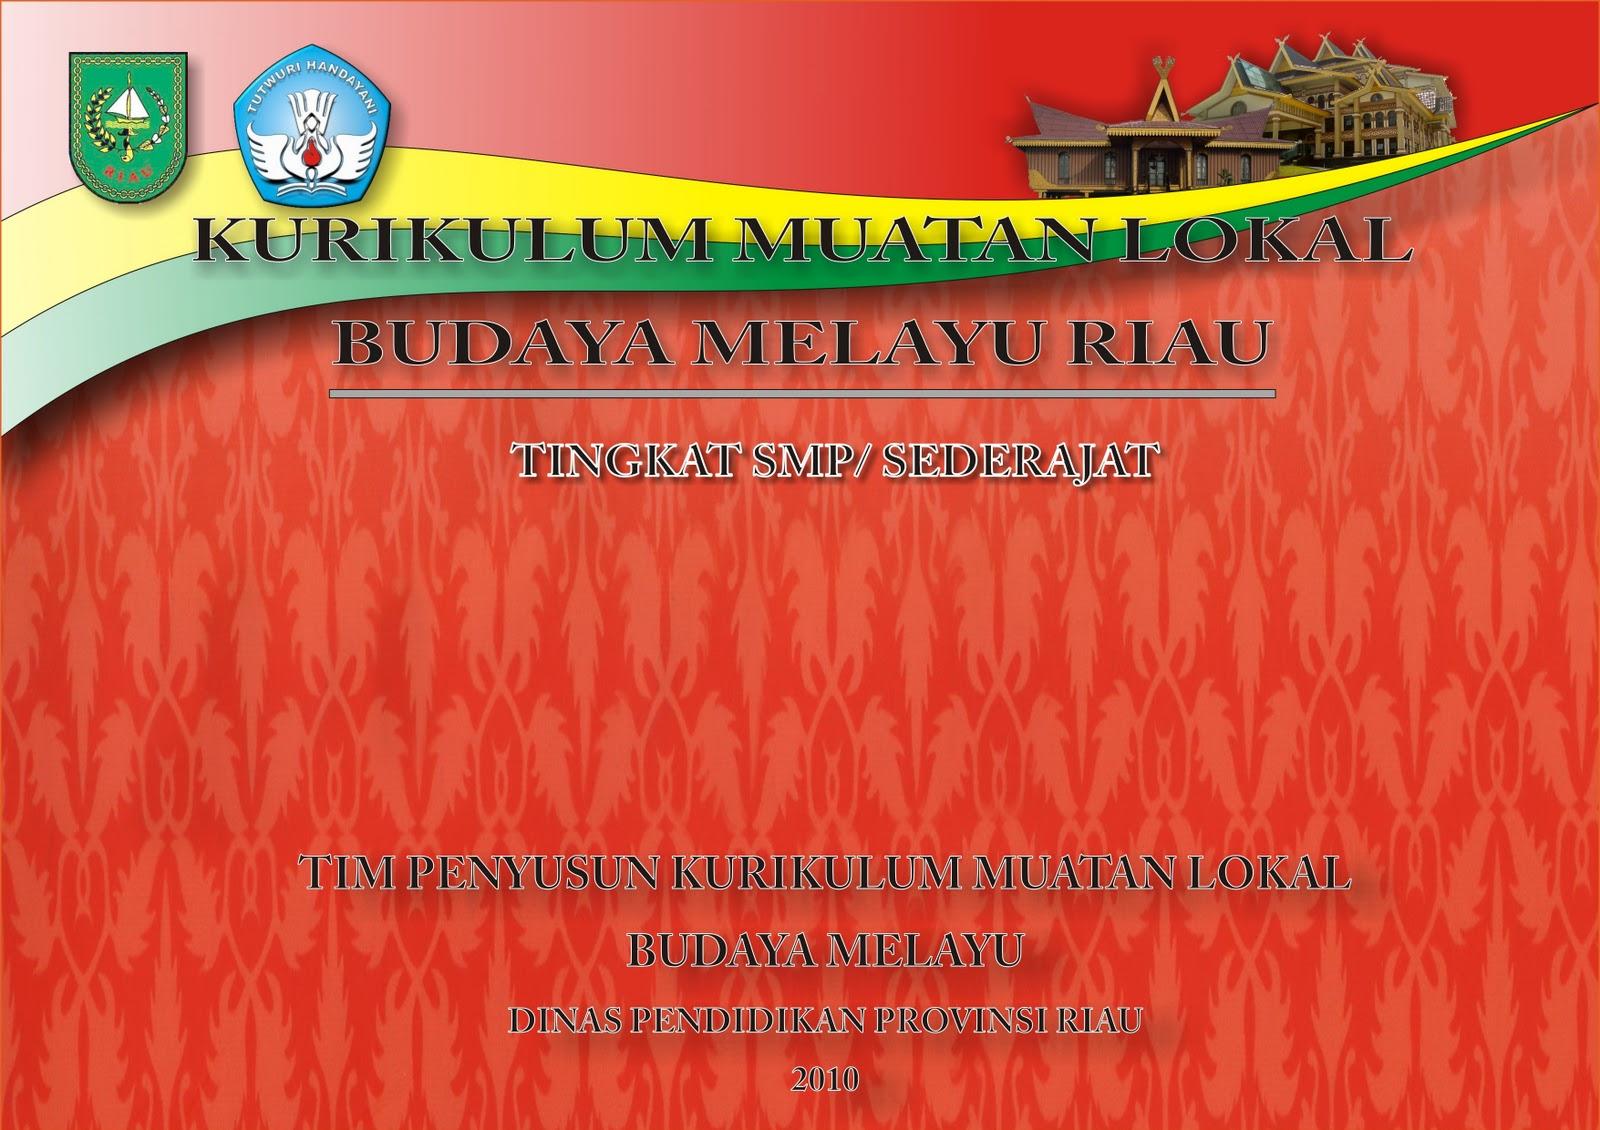 Buku Budaya Melayu Riau Kelas 10 Kurikulum 2013